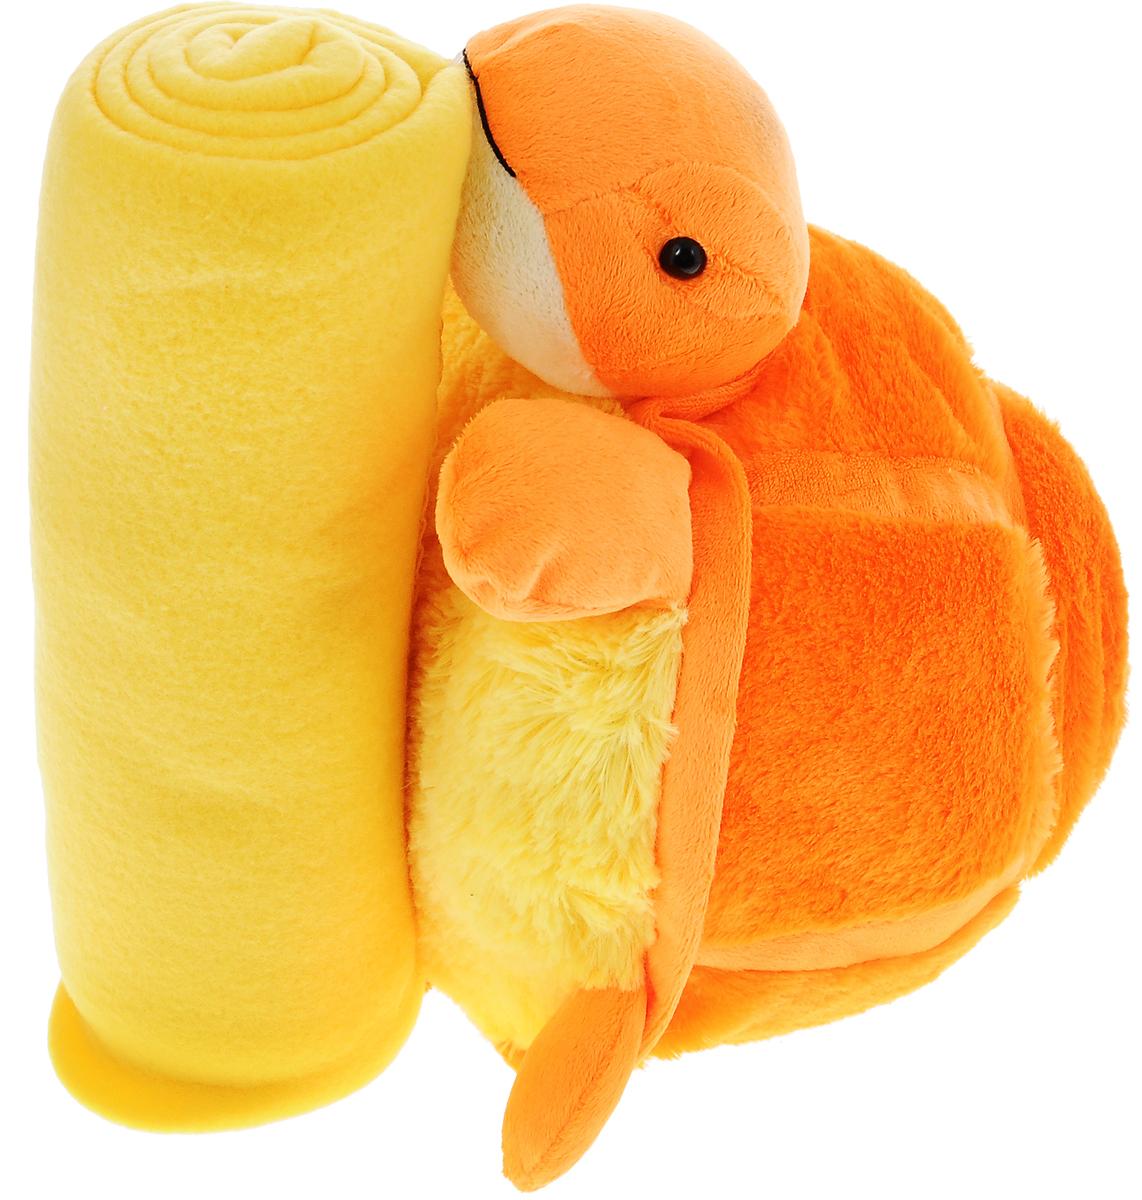 Home Queen Набор Черепашка цвет оранжевый желтый67427_оранжевый, желтыйНабор Home Queen Черепашка состоит из мягконабивной игрушки и пледа желтого цвета. Мягкий плед согреет в прохладные вечера и сделает ваш дом уютным. Плед не скатывается и не вызывает аллергии, легко стирается и быстро сохнет. Таким пледом можно уютно укрыться дома или взять с собой в путешествие. Игрушка в виде черепашки может использоваться как подушка. Набор Home Queen Черепашка - интересный и полезный подарок для ребенка. Плед и игрушка прекрасно дополнят интерьер детской и порадуют вашего малыша.